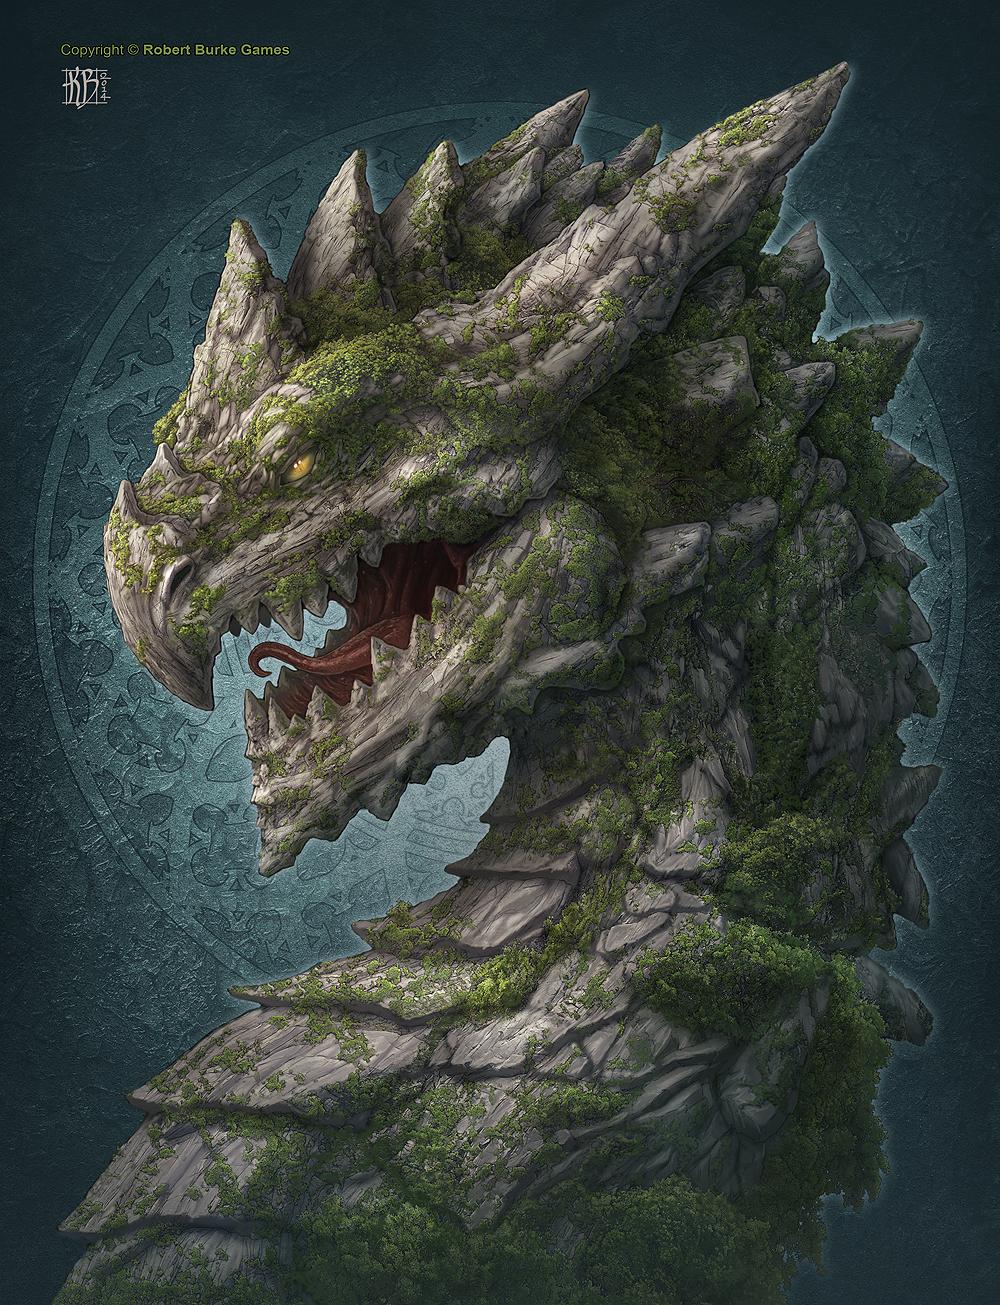 Earth Dragon: Earth Dragon By Kerembeyit On DeviantArt